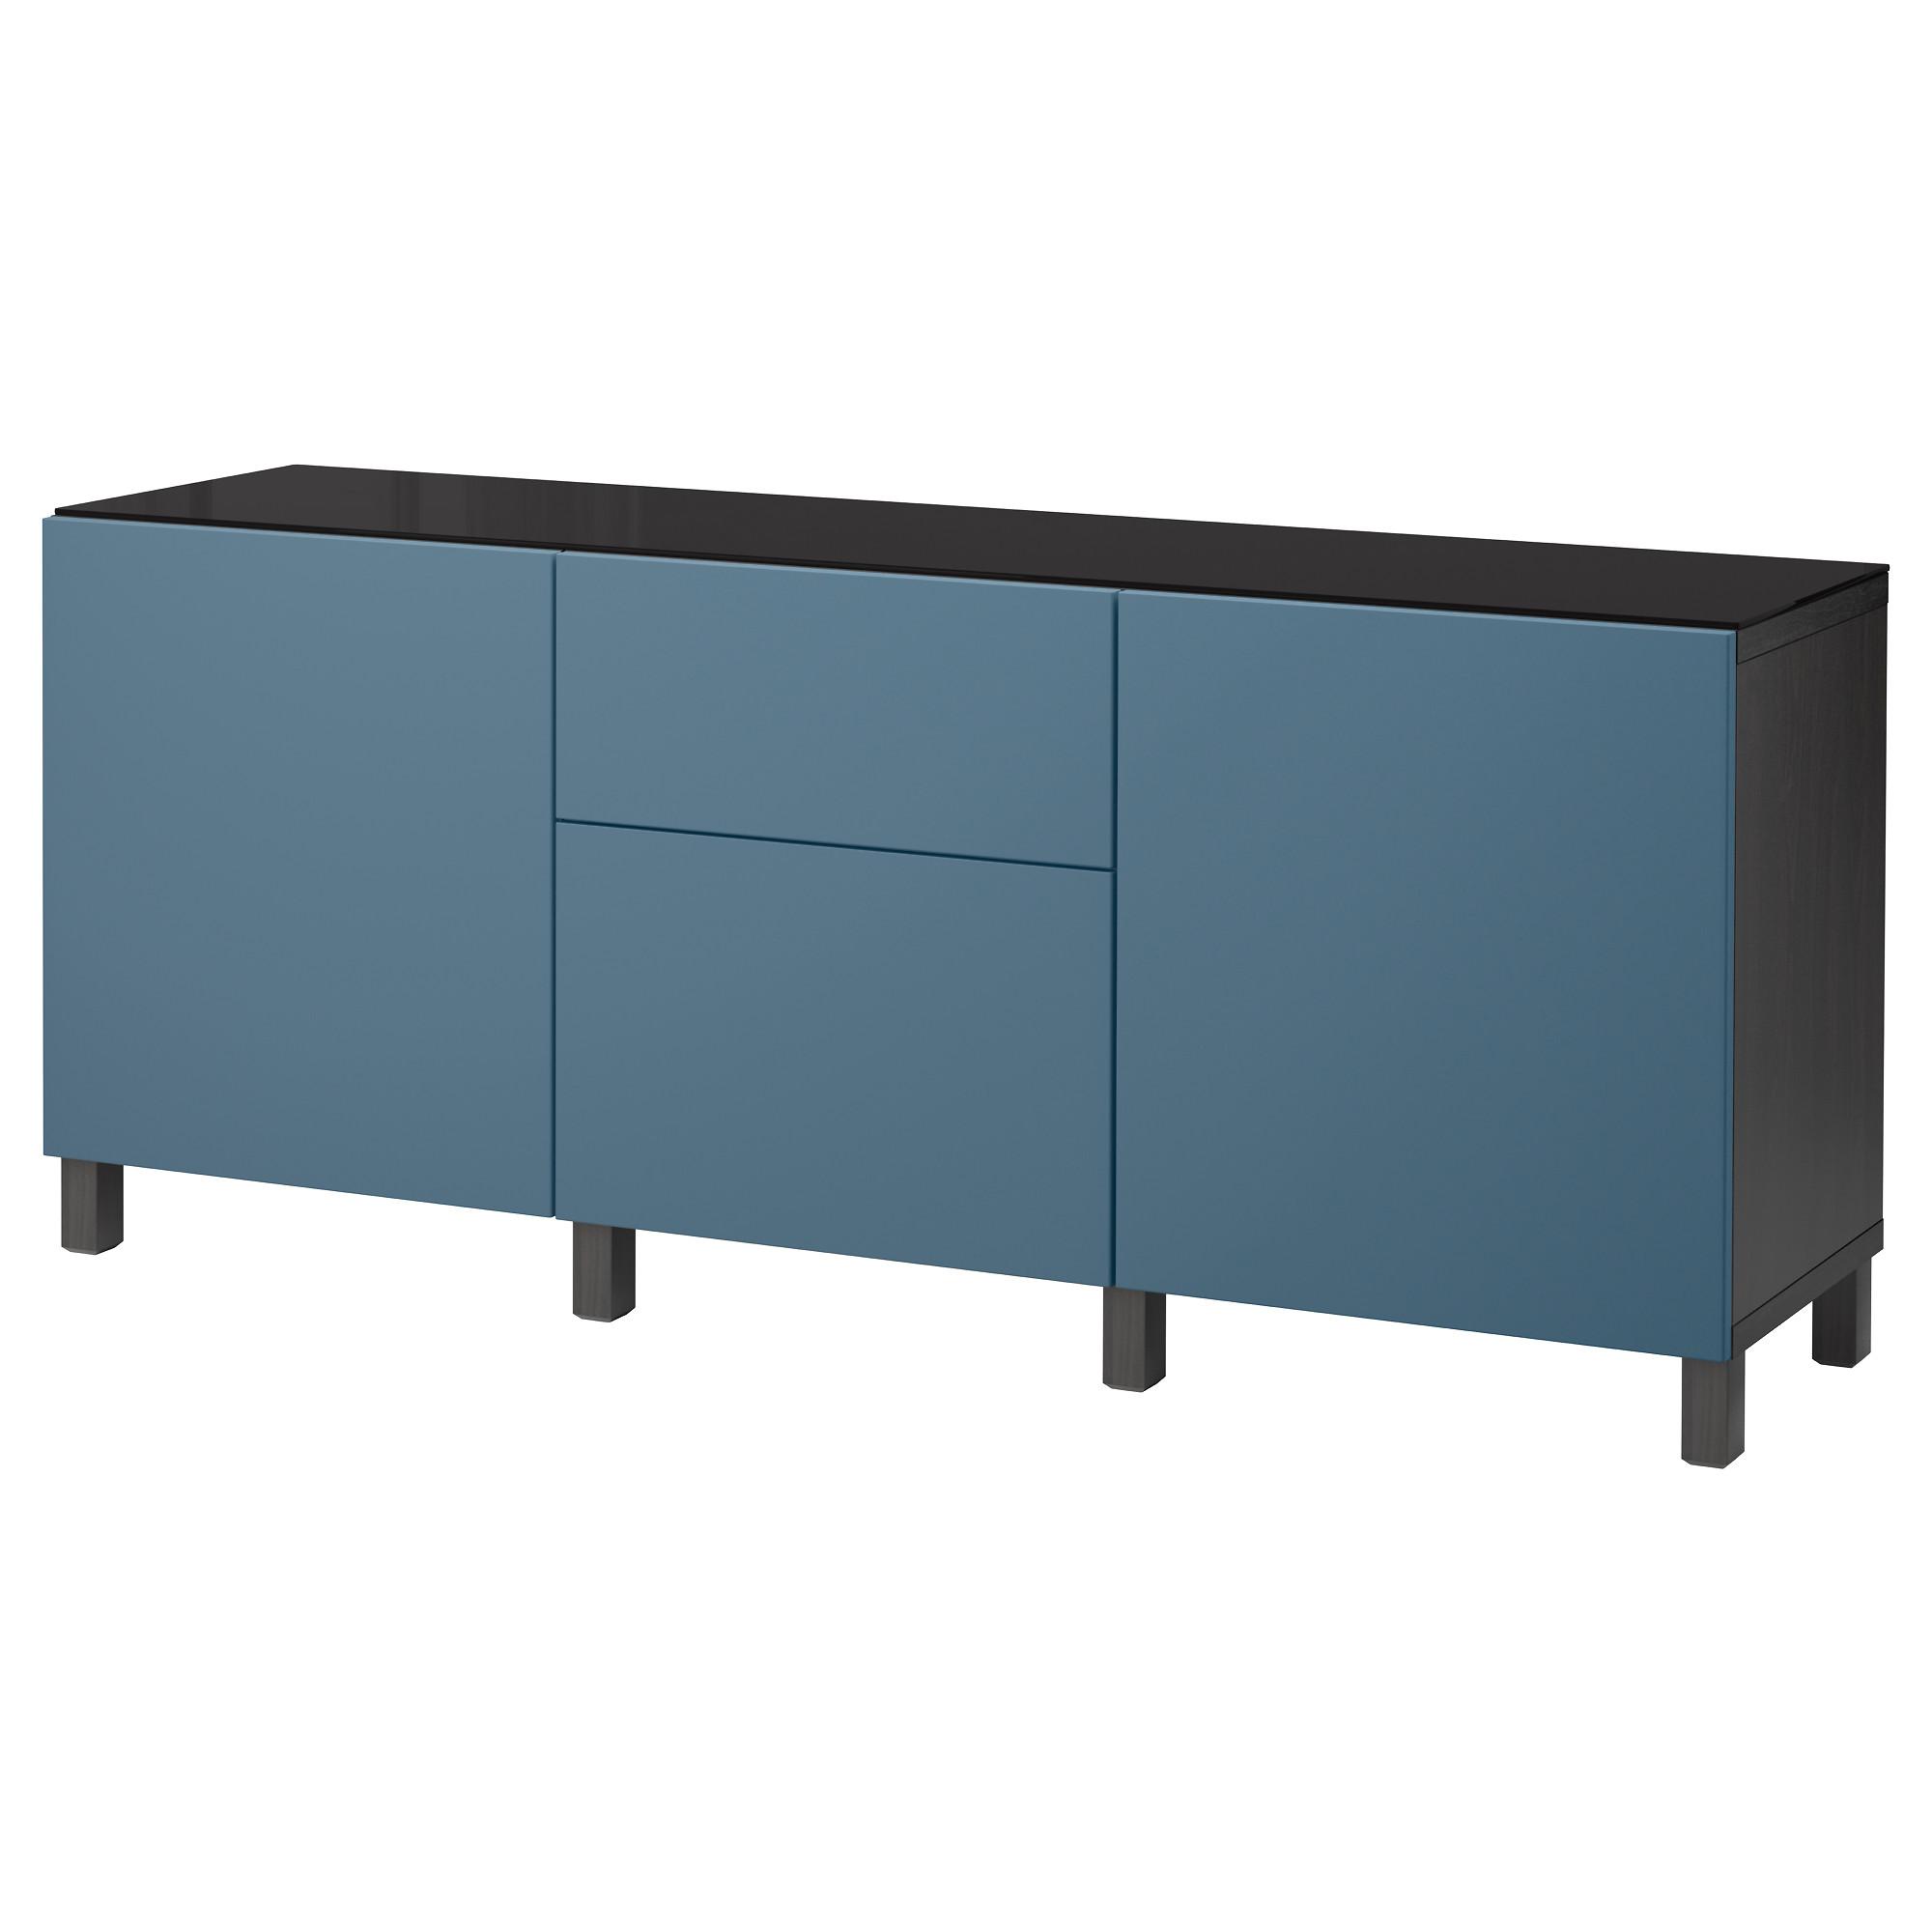 Комбинация для хранения с дверцами, ящиками БЕСТО темно-синий артикуль № 892.462.73 в наличии. Online сайт ИКЕА РБ. Быстрая доставка и установка.